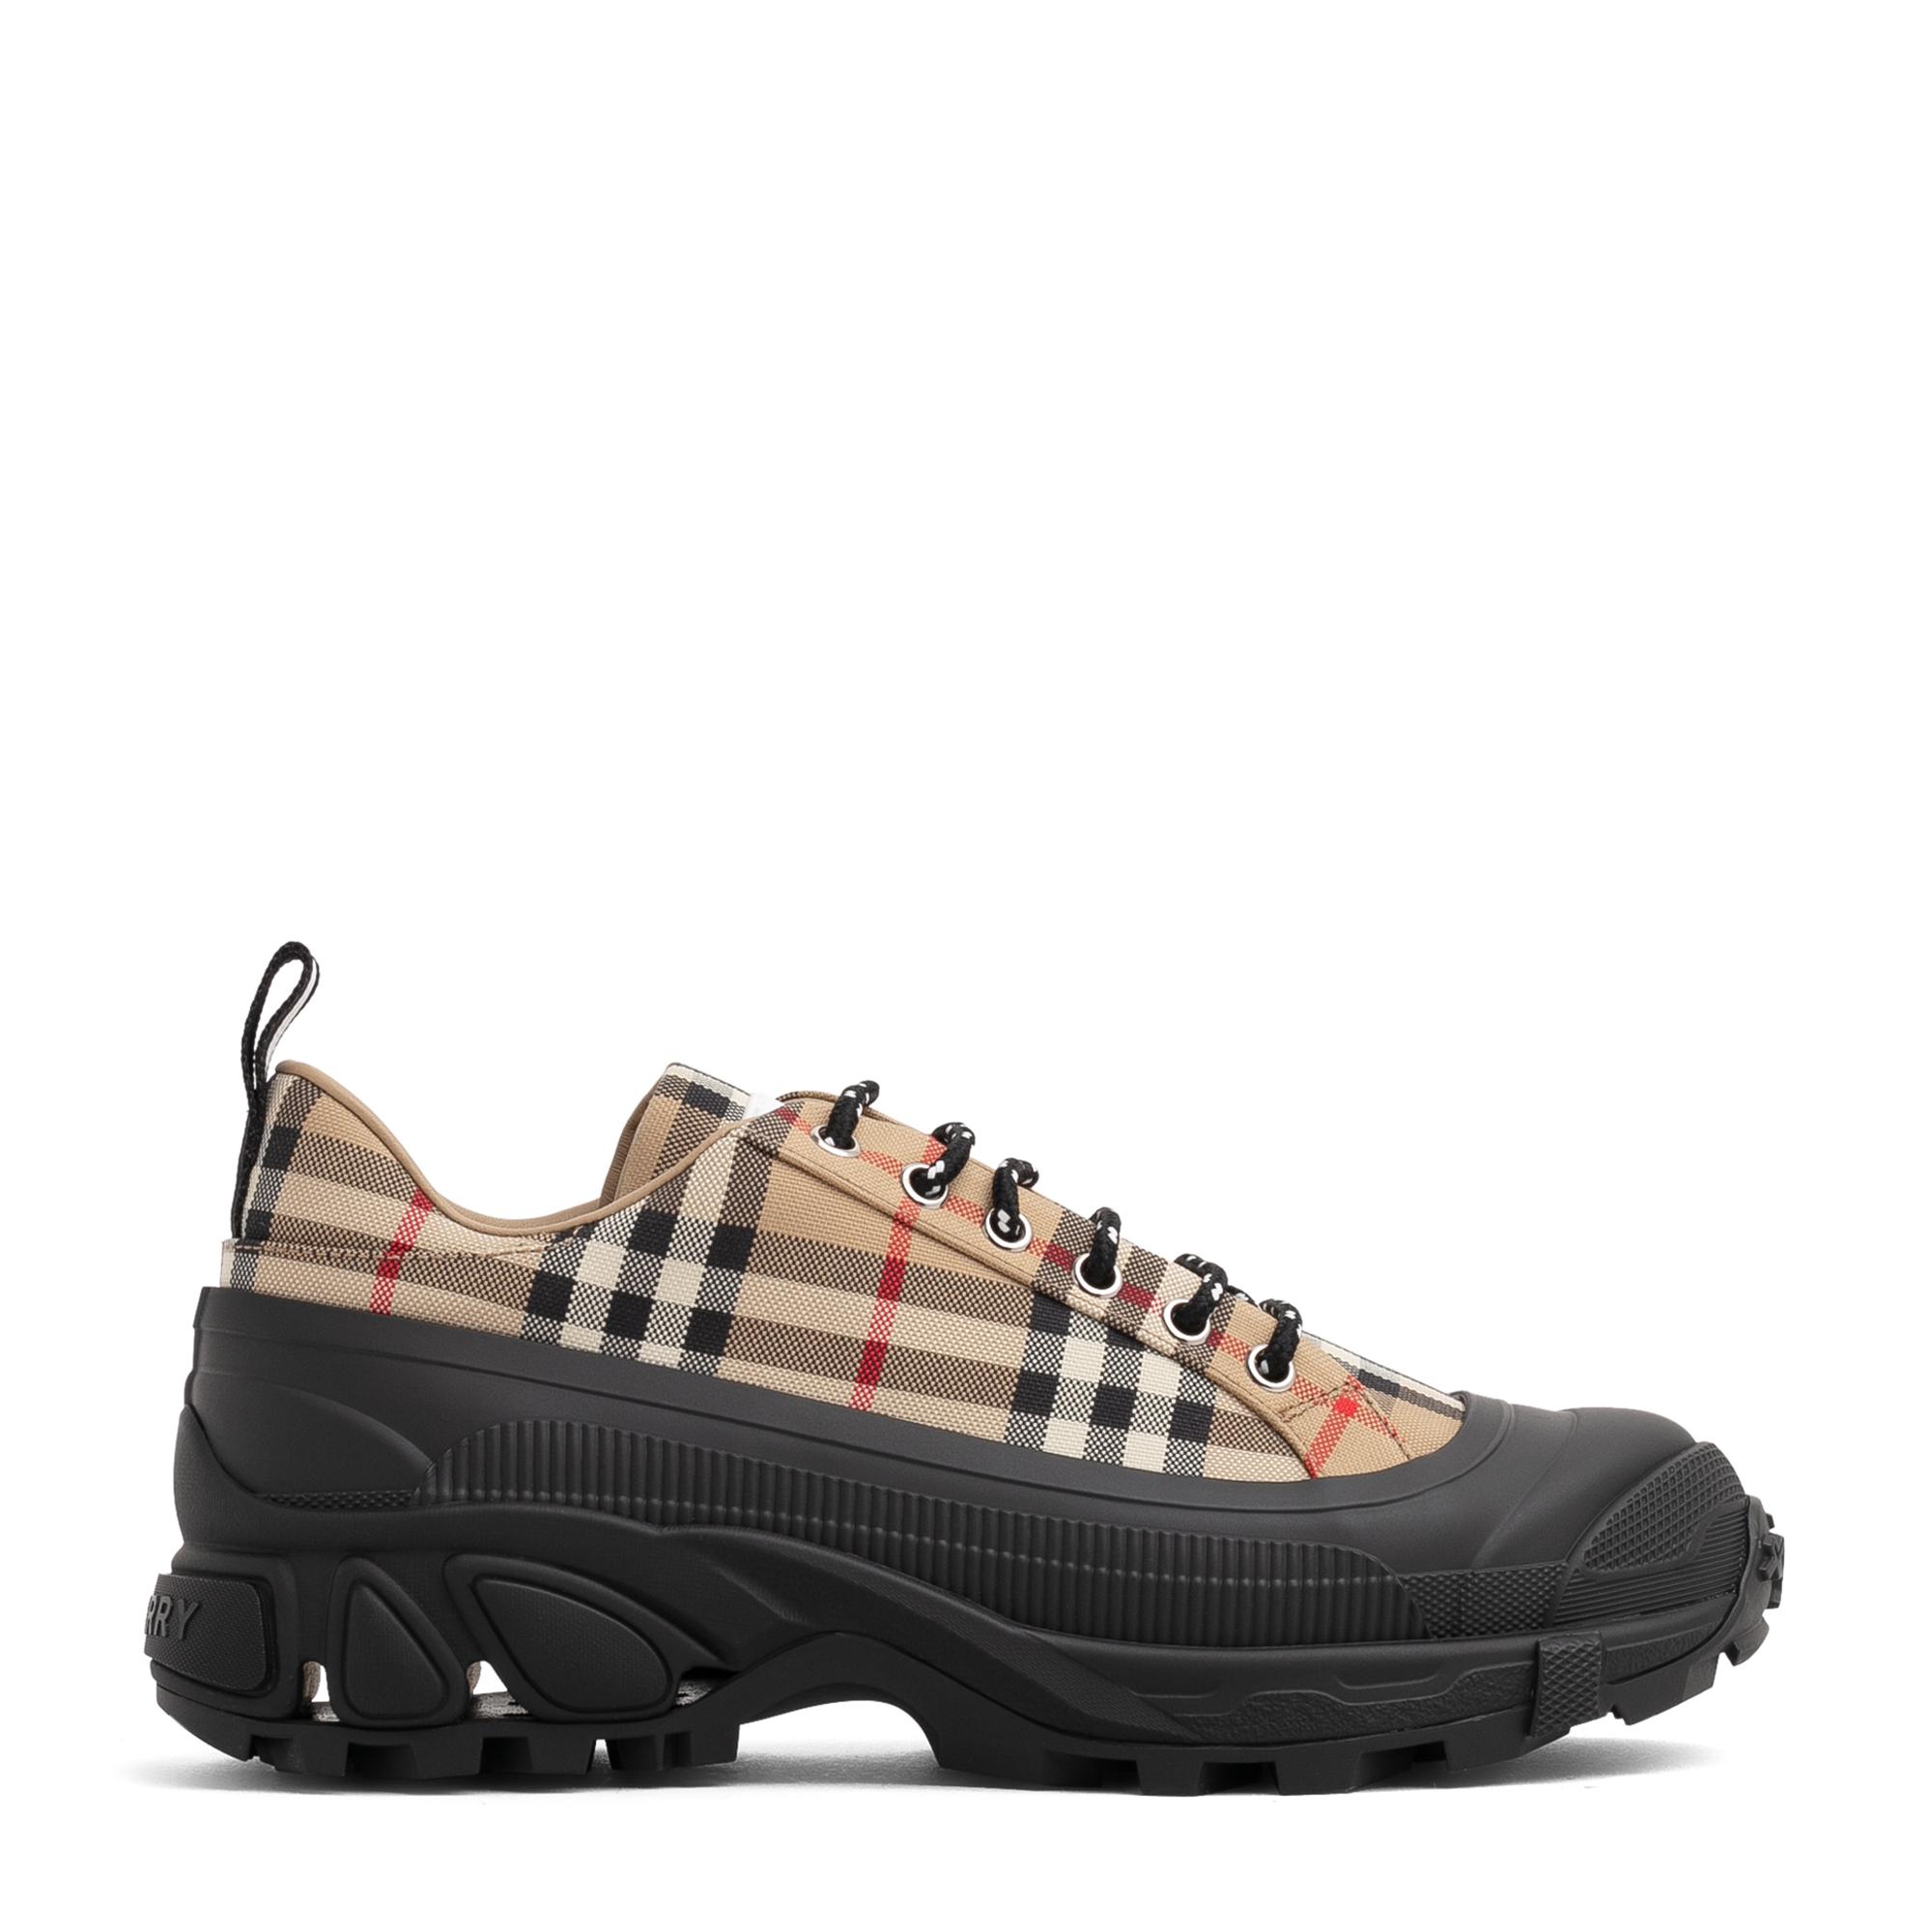 Arthur sneakers